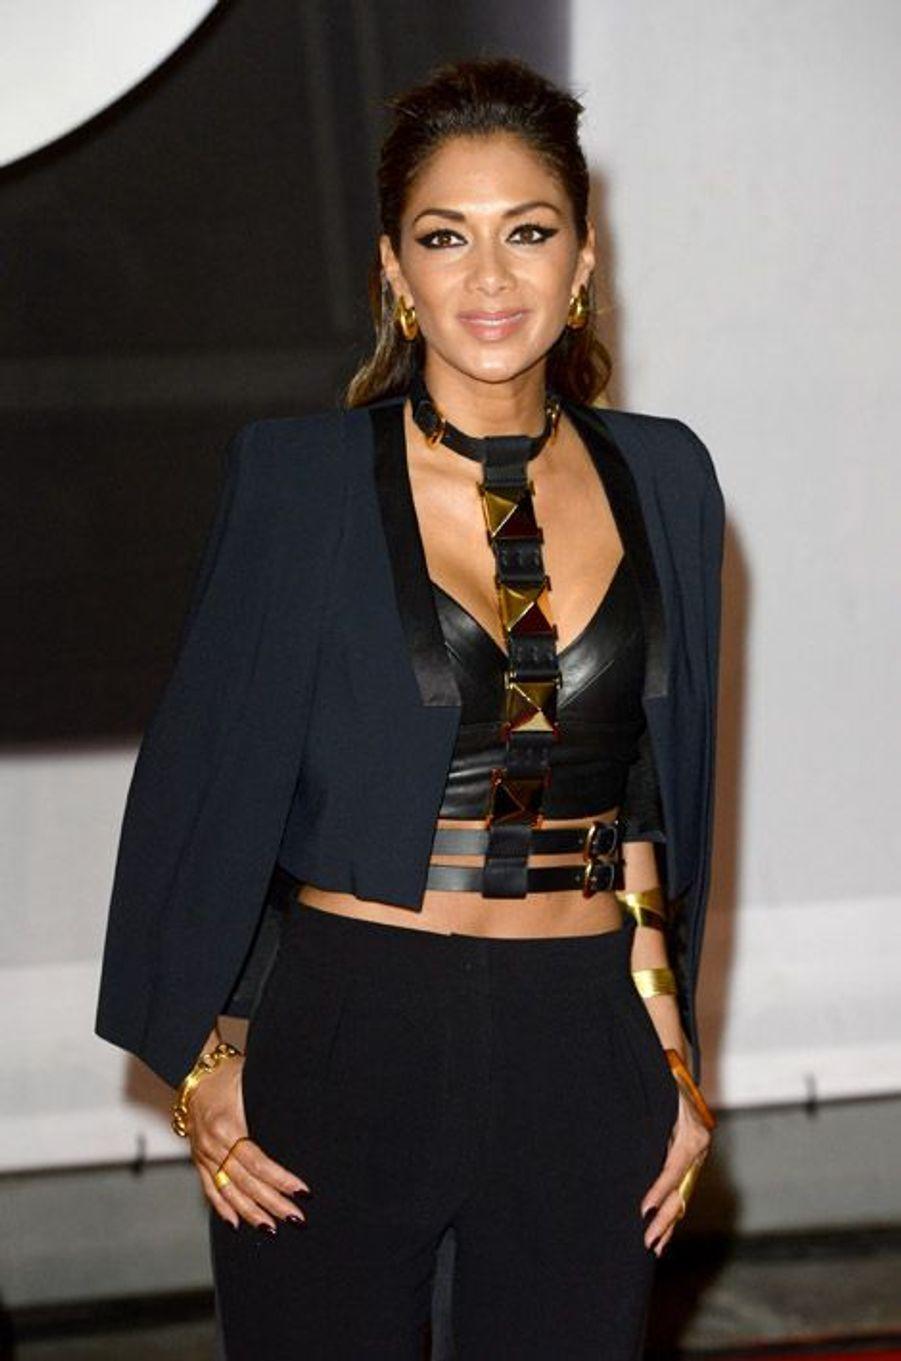 La chanteuse américaine Nicole Scherzinger lors de la soirée des Brit Awards à Londres, le 19 février 2014